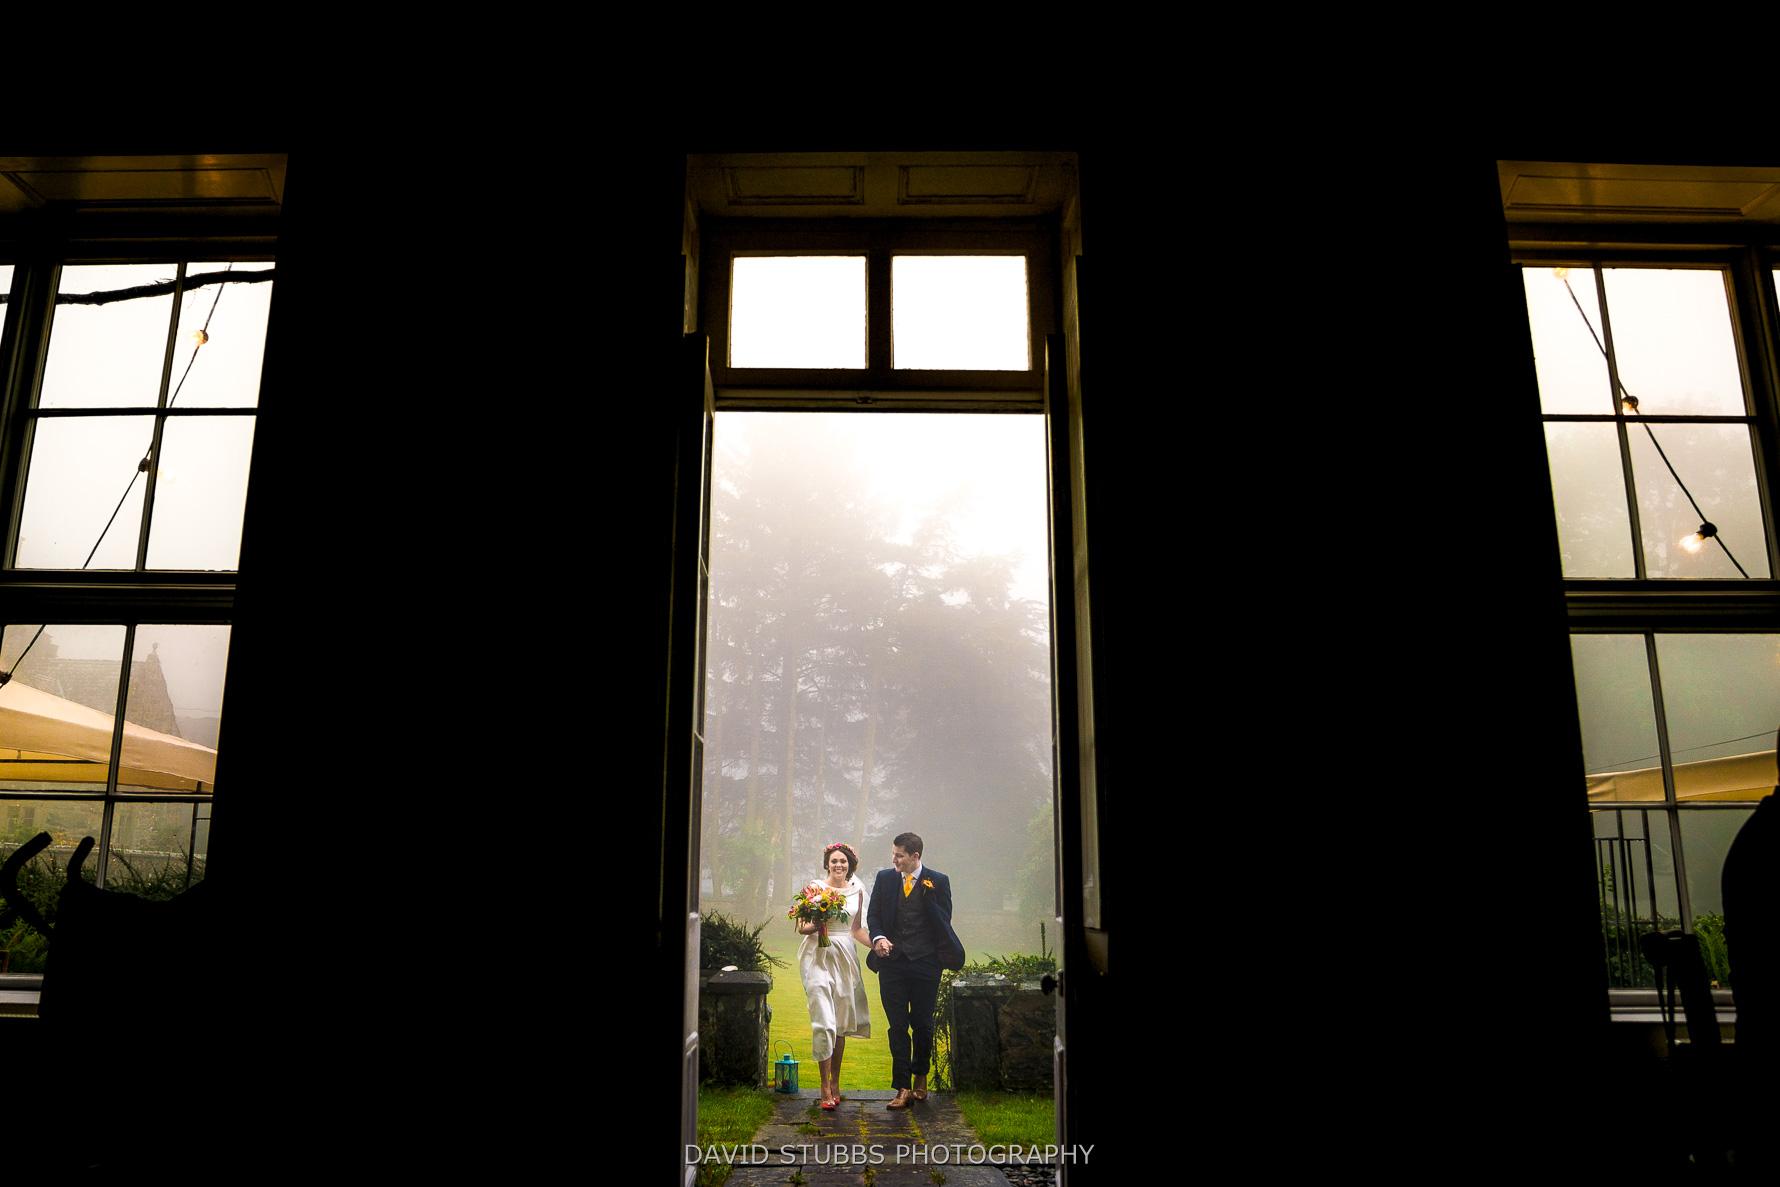 framed in doorway for entrance